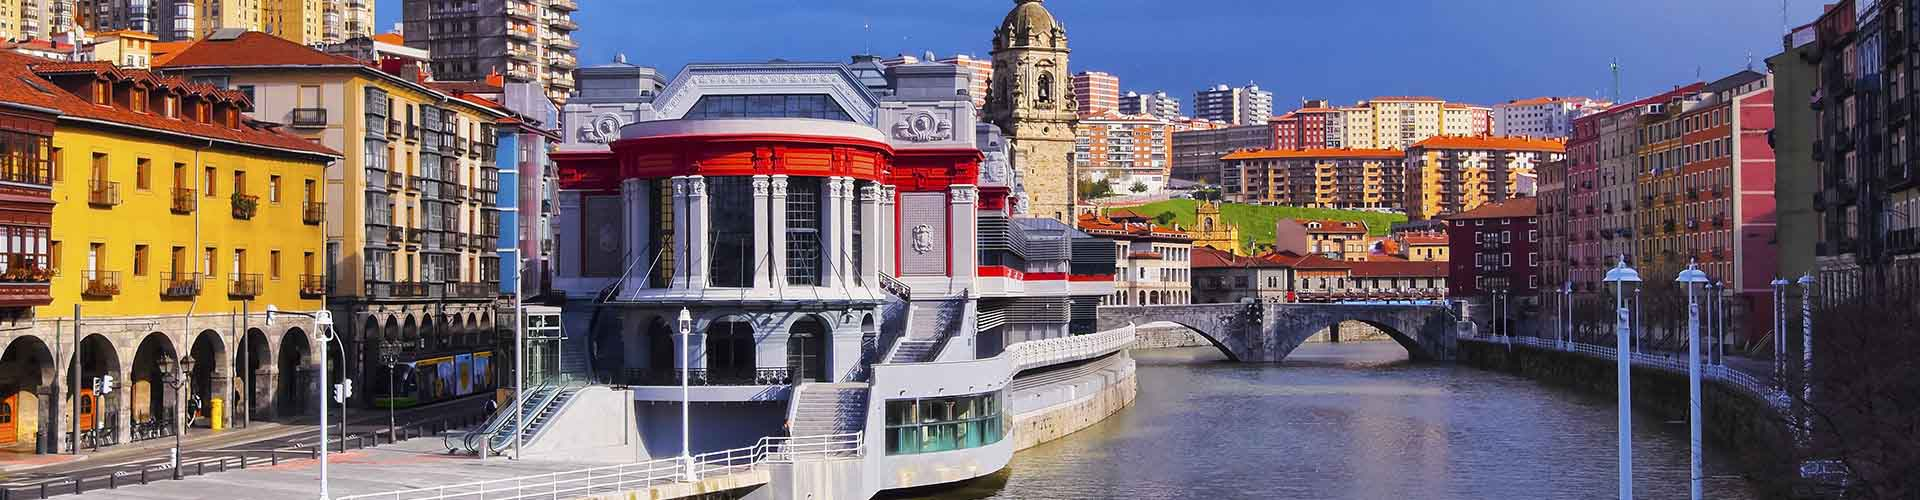 Bilbao - Camping dans le quartier de Deusto. Cartes pour Bilbao, photos et commentaires pour chaque camping à Bilbao.